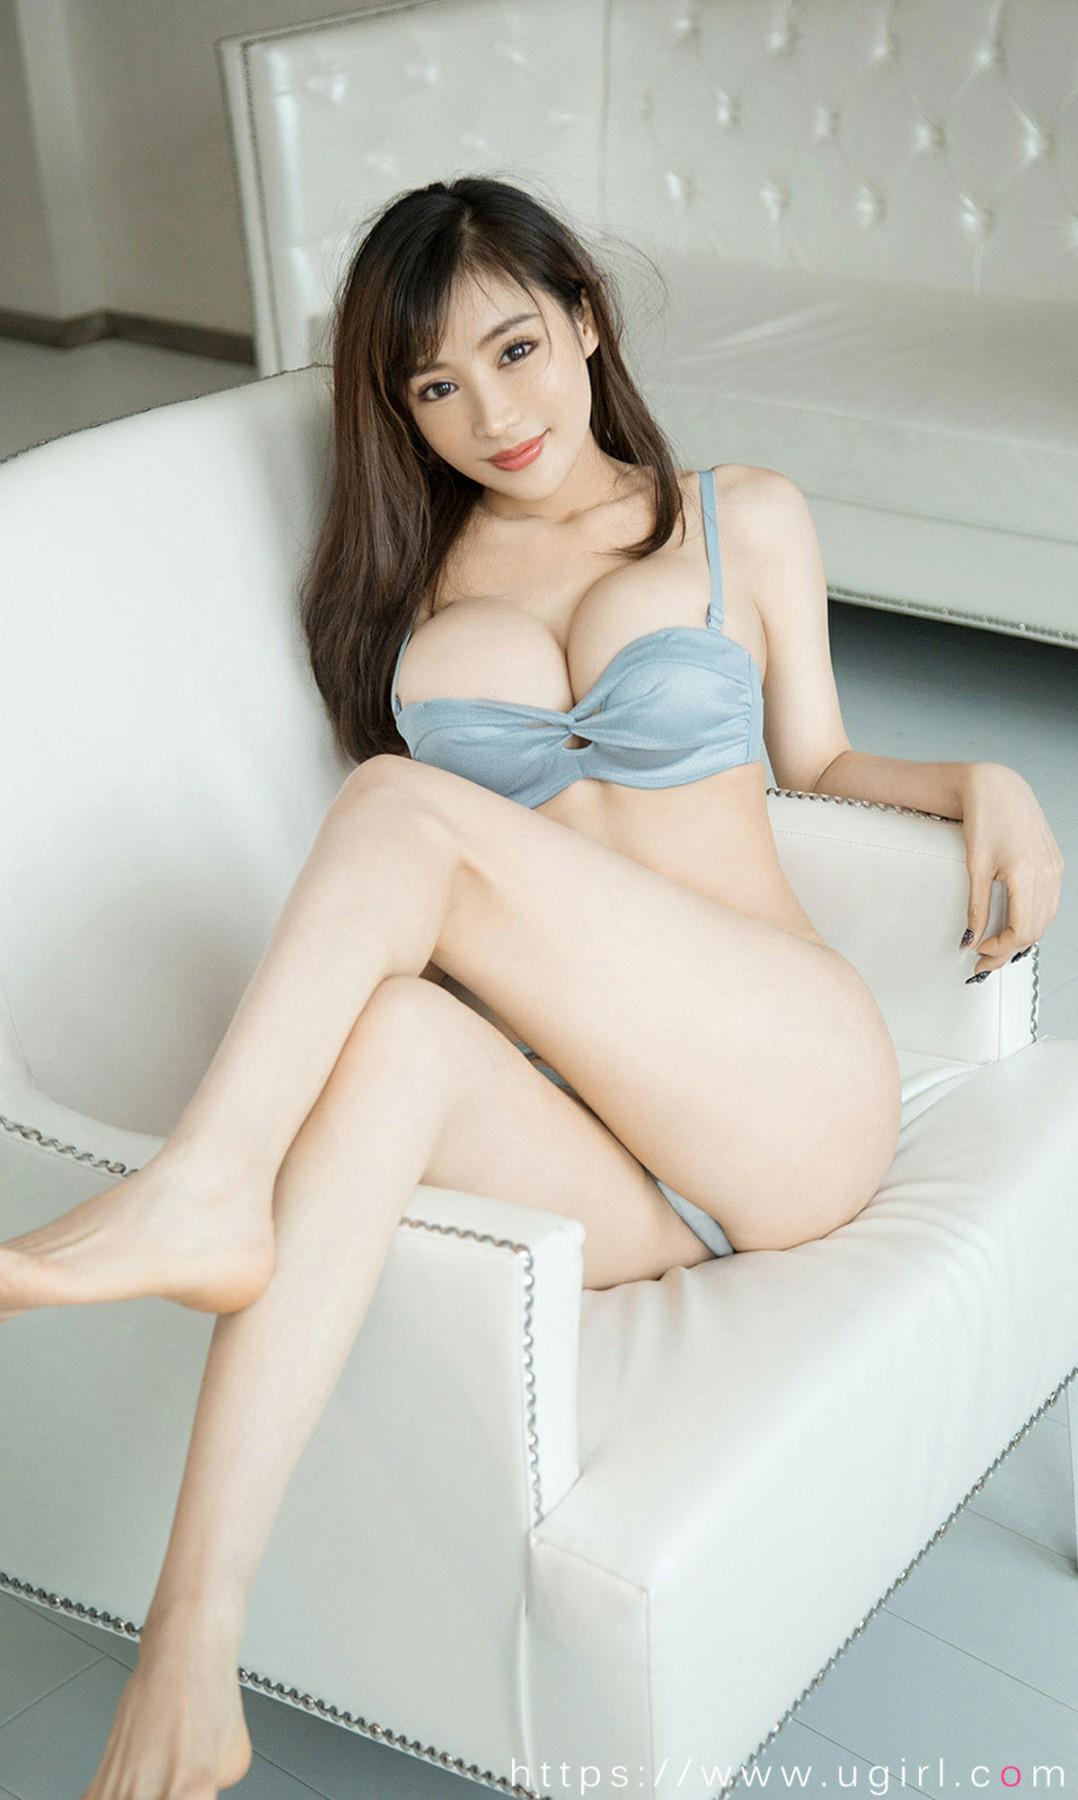 [Ugirls尤果网]爱尤物专辑 2020.09.13 No.1909 叶子 事叶有成 第4张